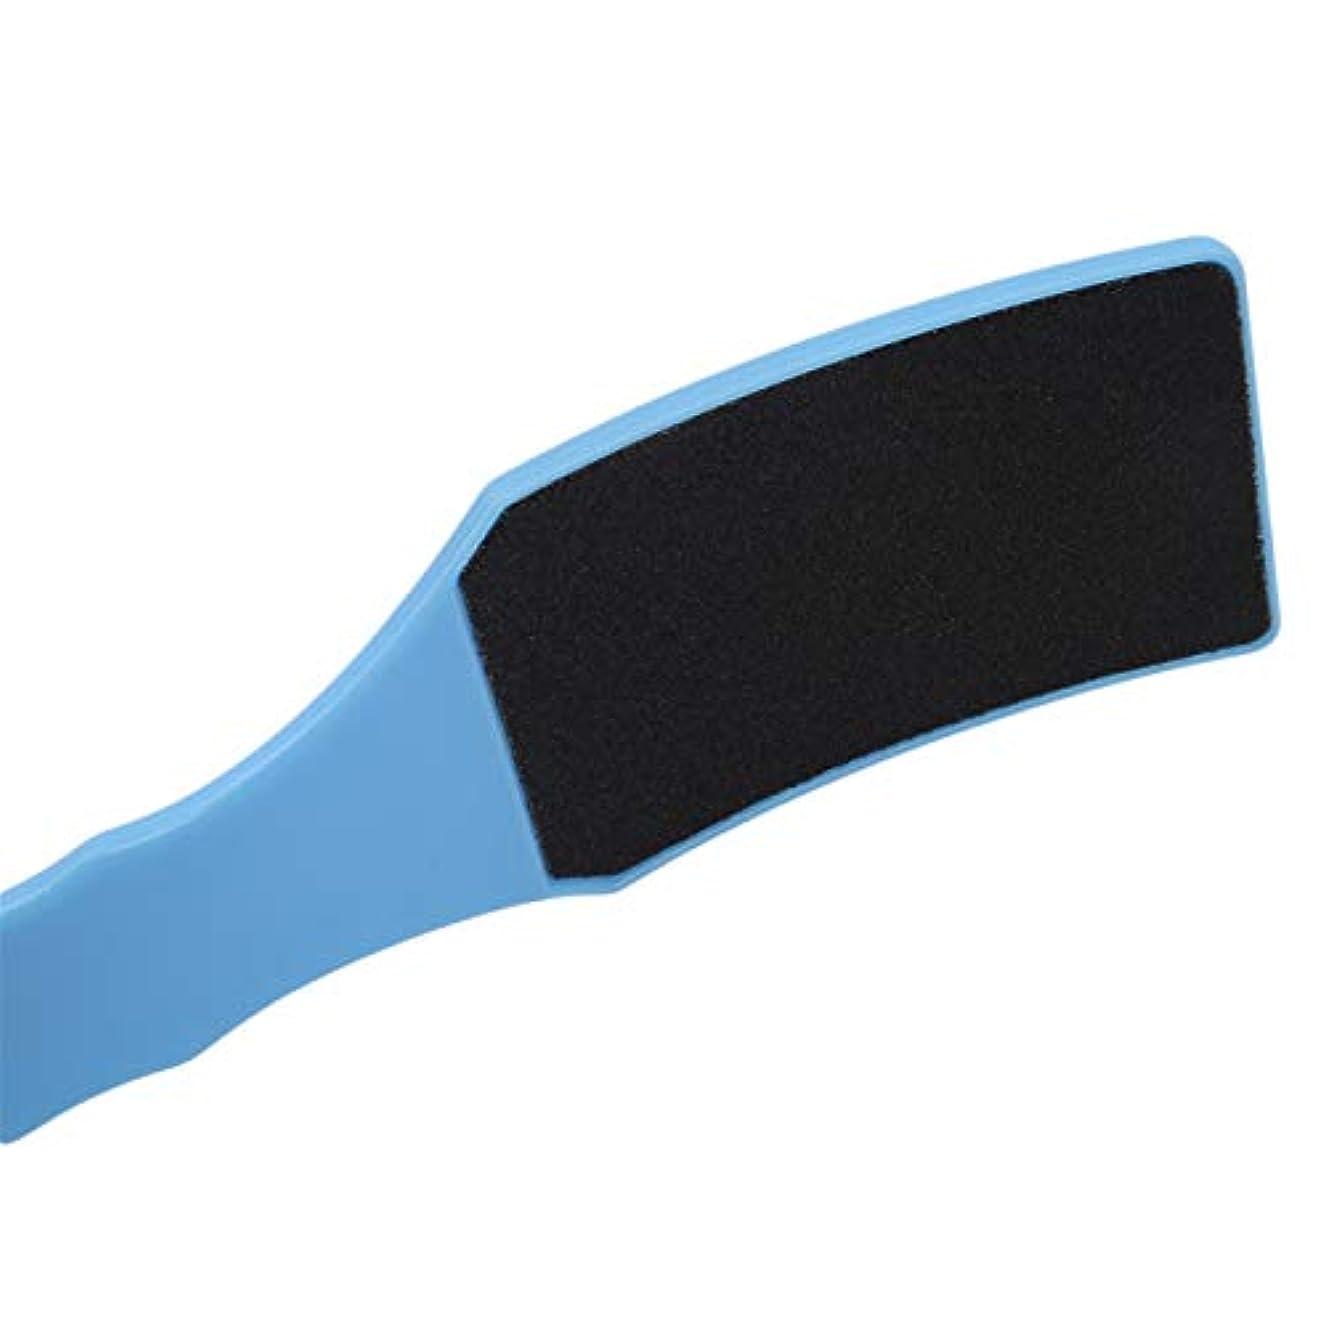 寛解イヤホン日付ZALING 湾曲した形状の足やすりケアカルスファイルハードスキンリムーバーフィートペディキュア角質除去ペディキュアフットケアツール